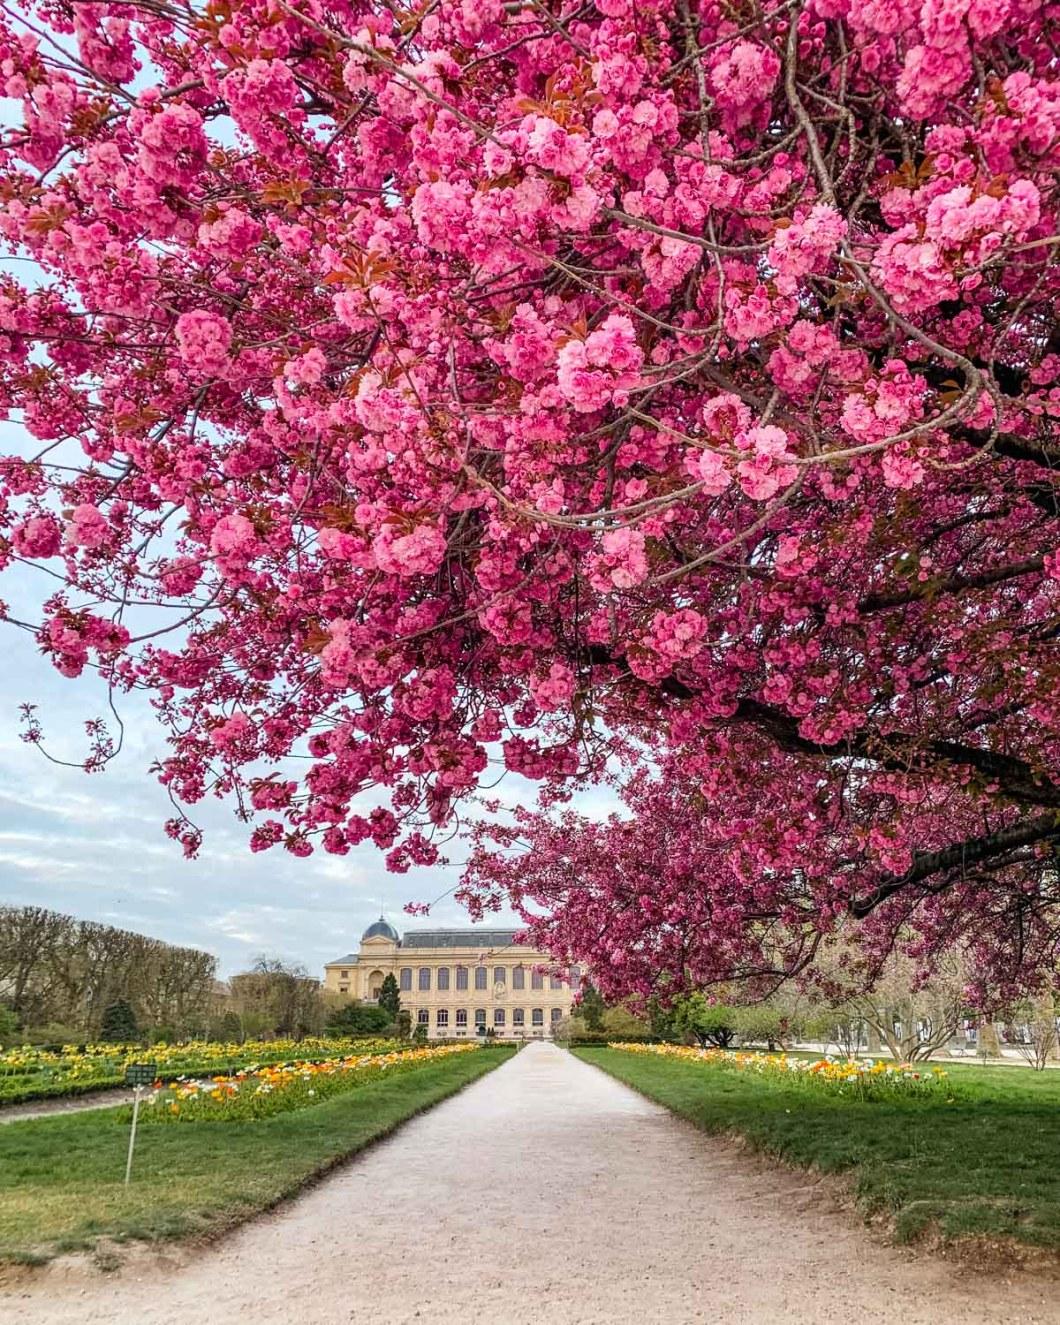 Cherry blossoms in the Jardin des Plantes - Paris